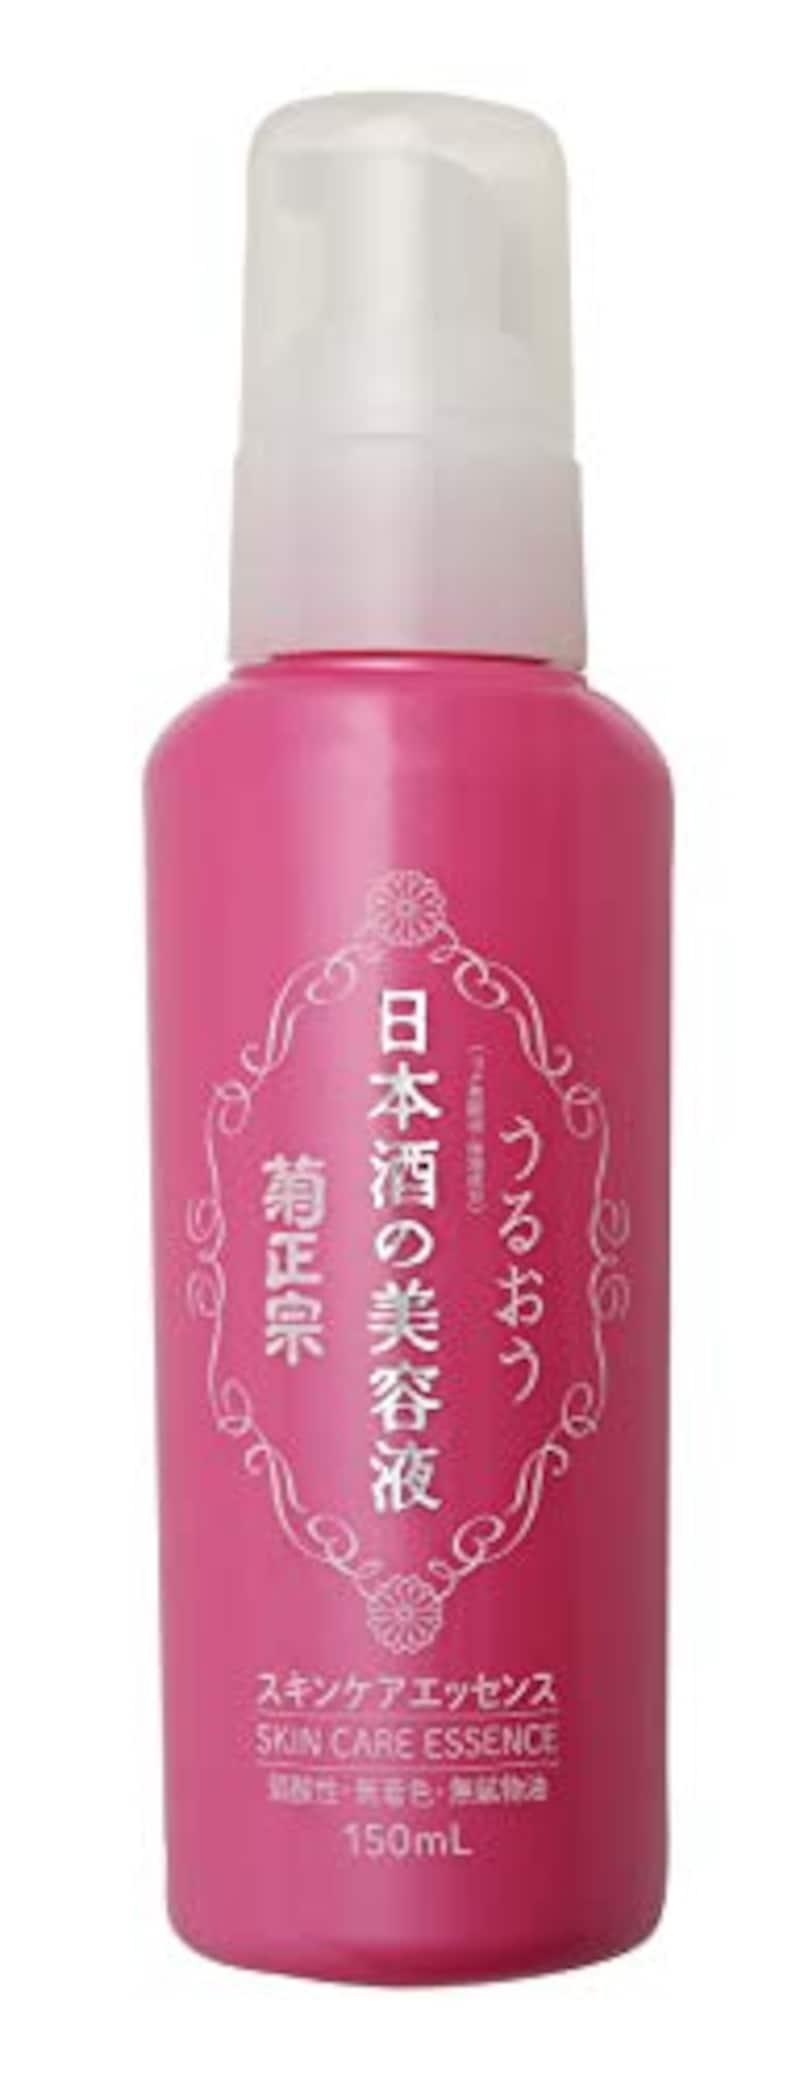 菊正宗,日本酒の美溶液